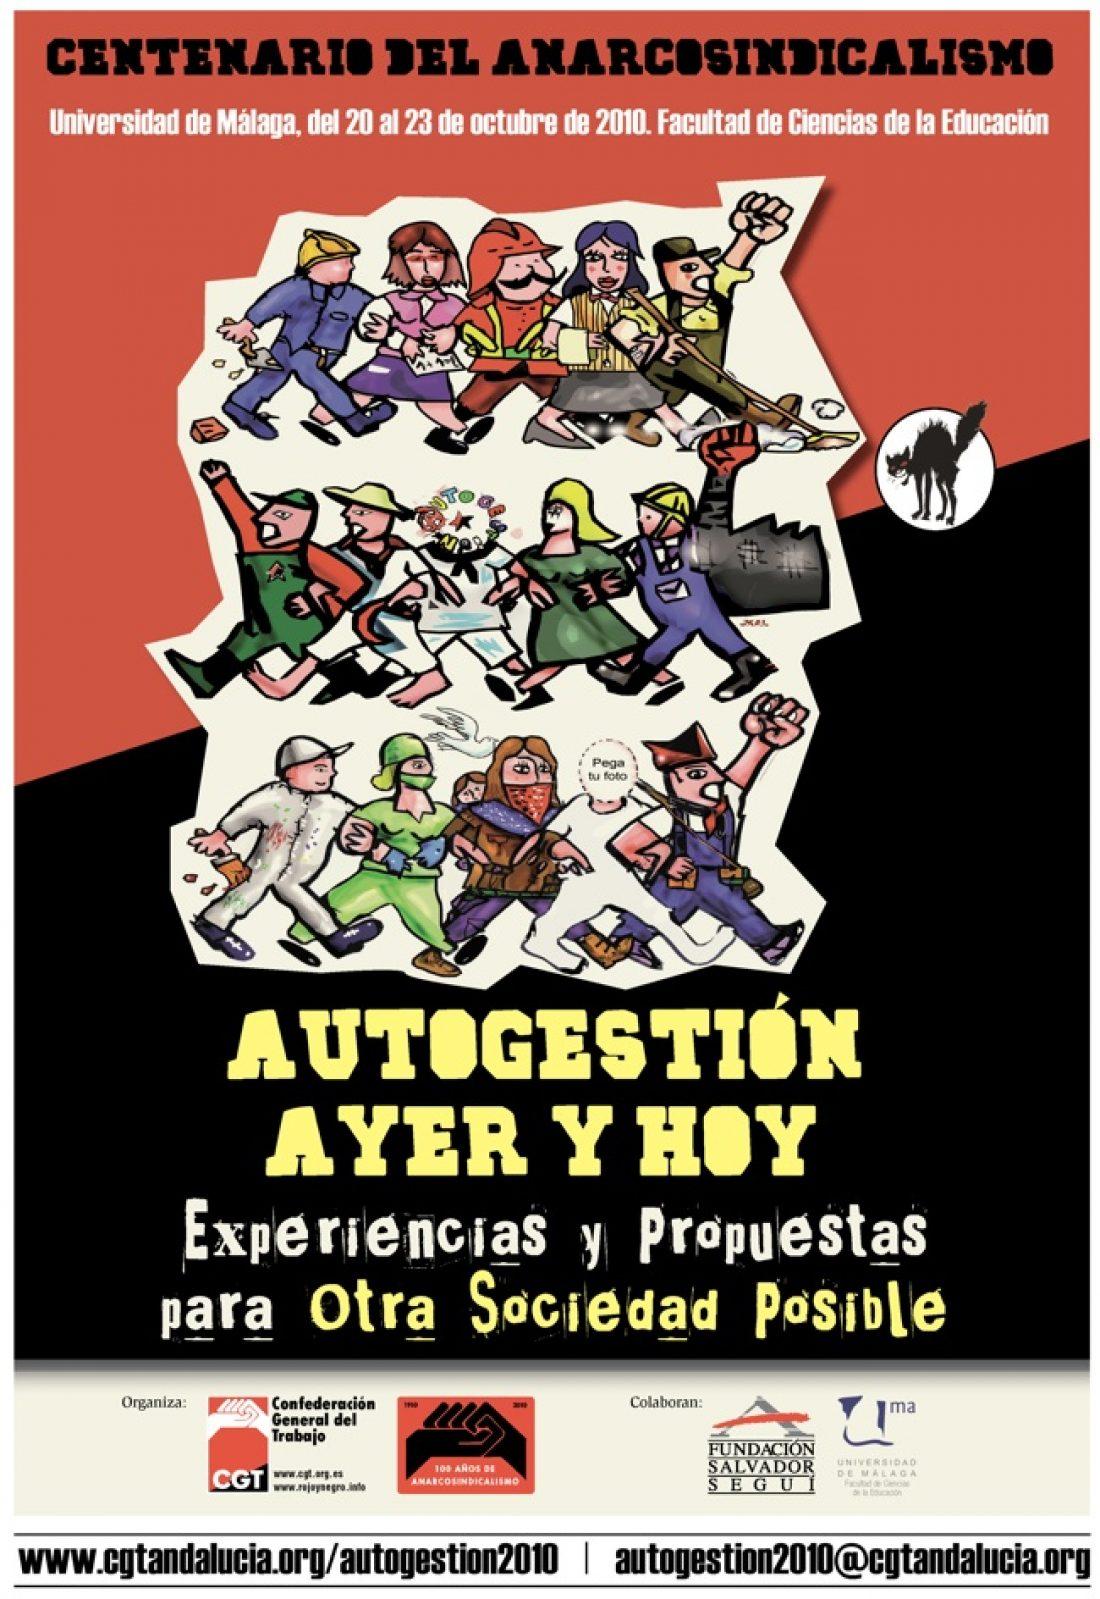 Málaga, del 20 al 23 de Octubre: Jornadas CGT Centenario del Anarcosindicalismo.